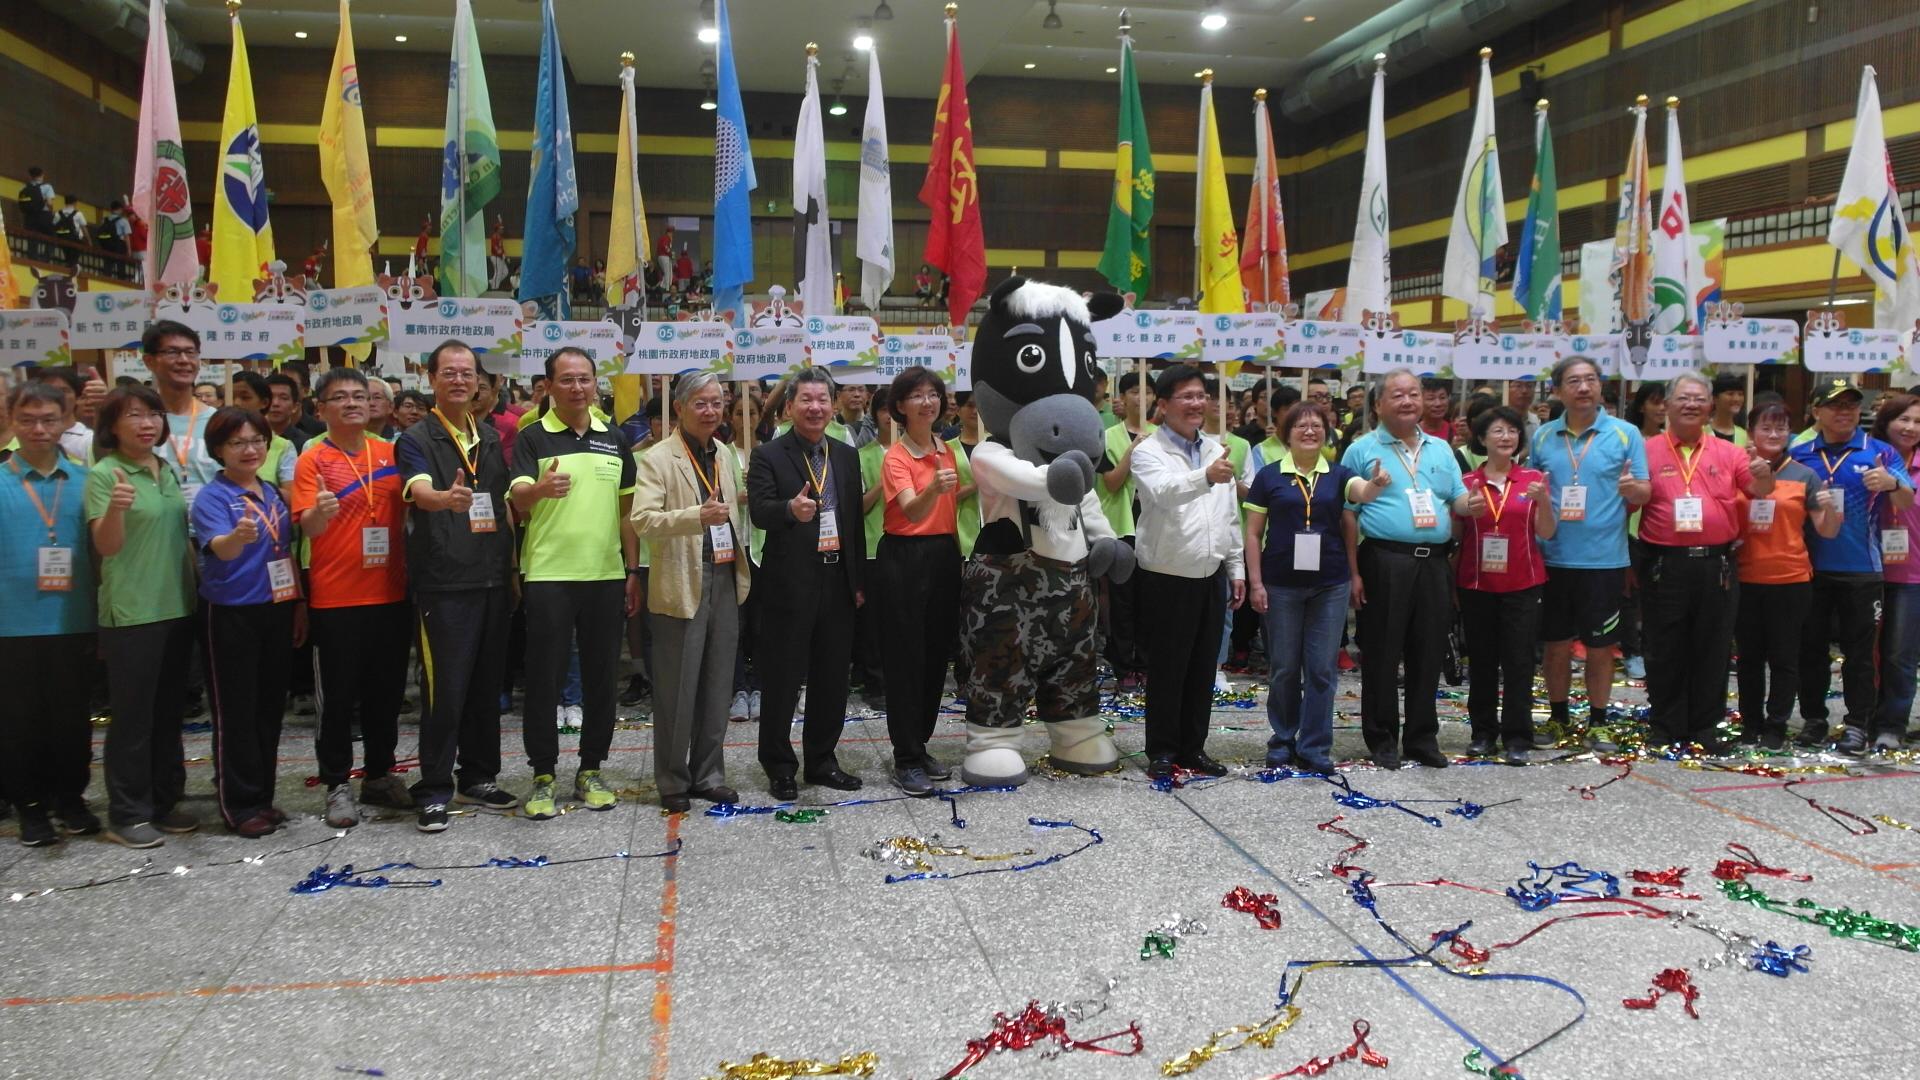 臺中市長林佳龍主持開幕典禮與參賽隊伍合照